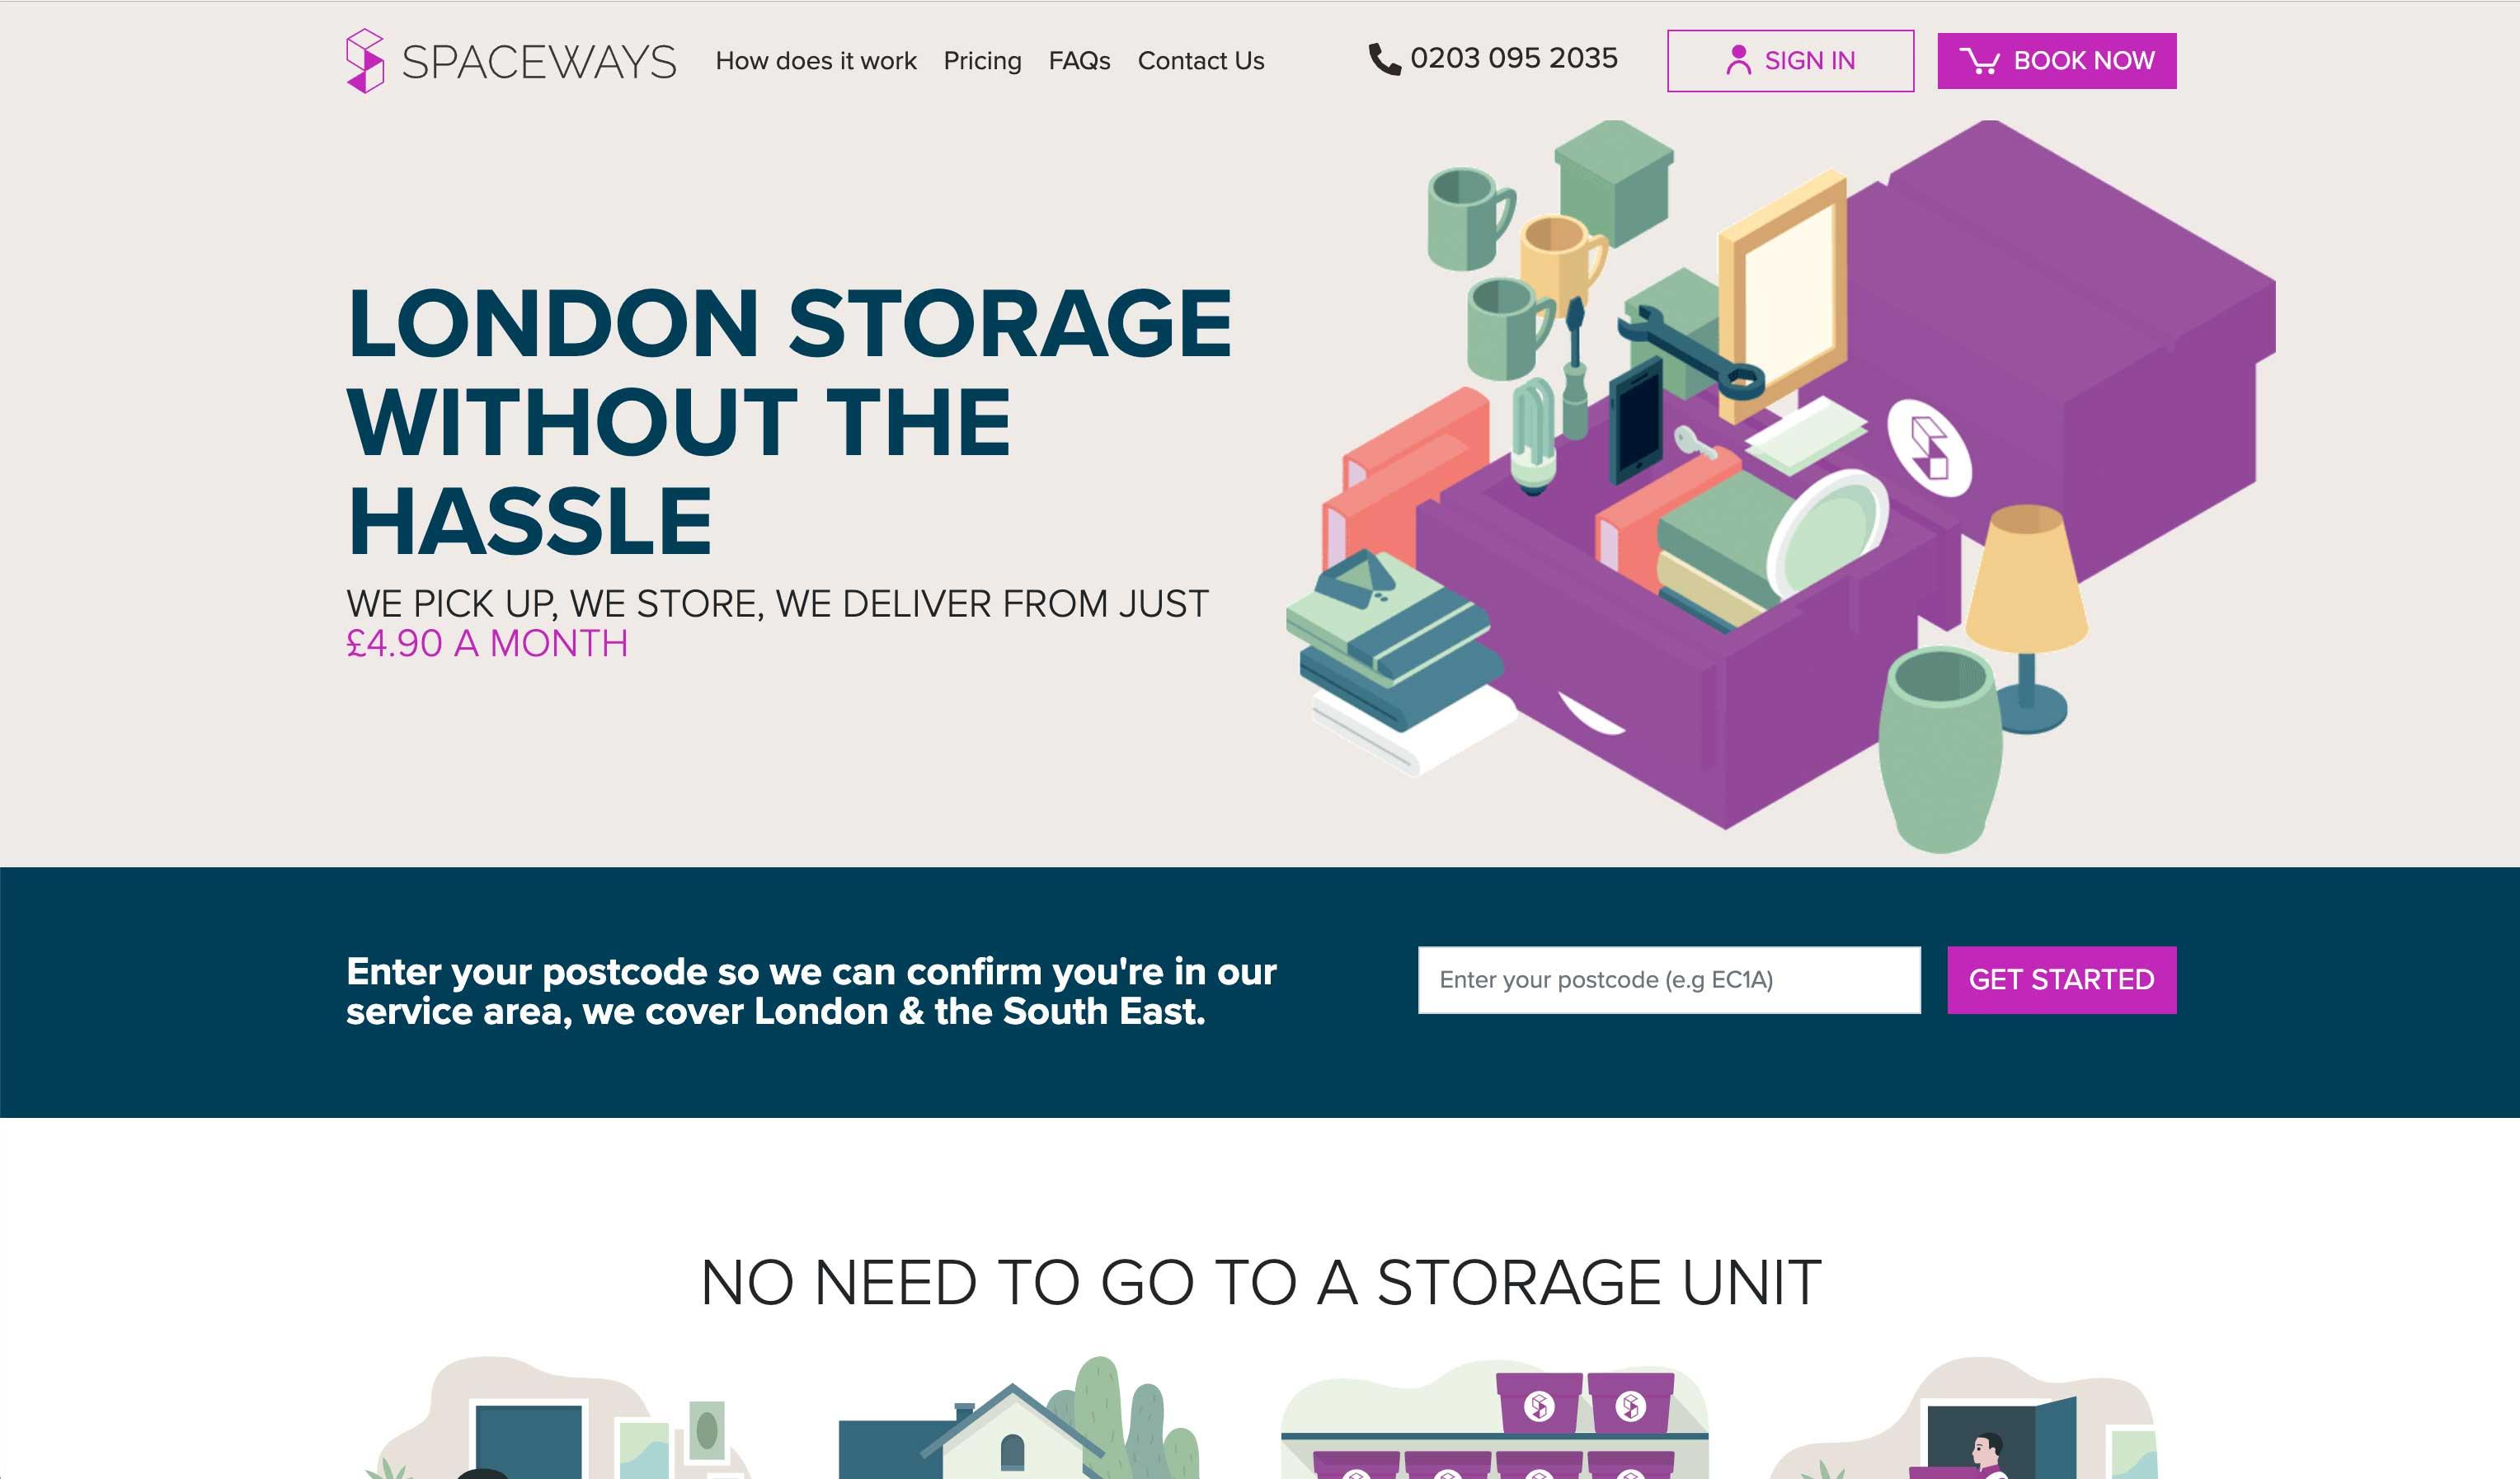 spaceways homepage